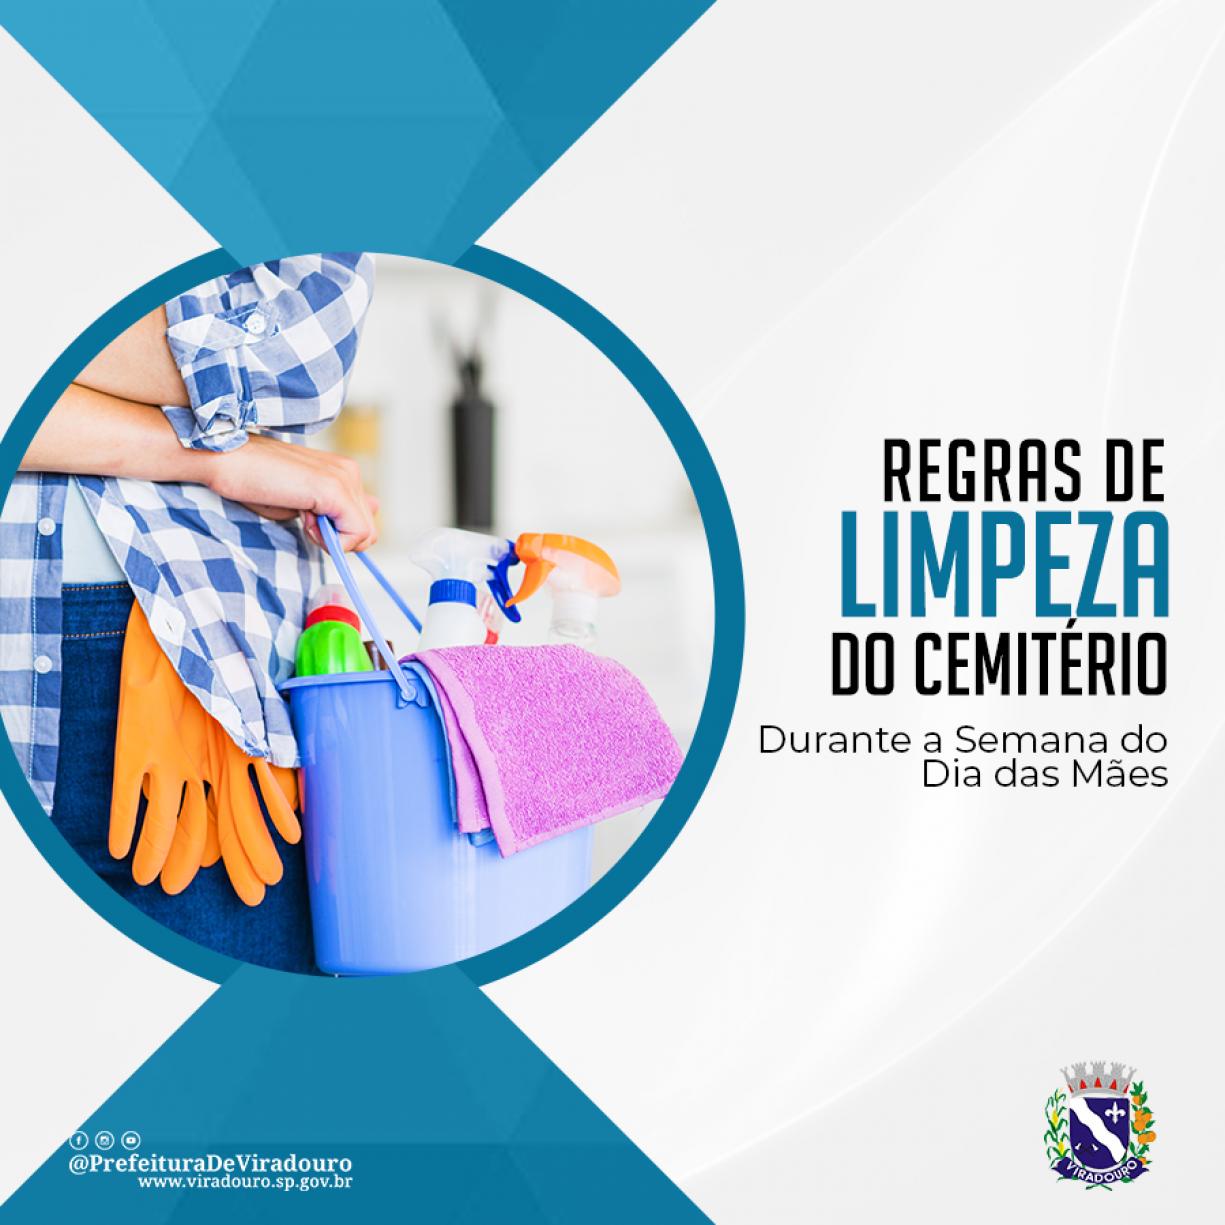 Prefeitura Define Regras Para Frequência e Limpeza do Cemitério Durante a Semana do Dia das Mães